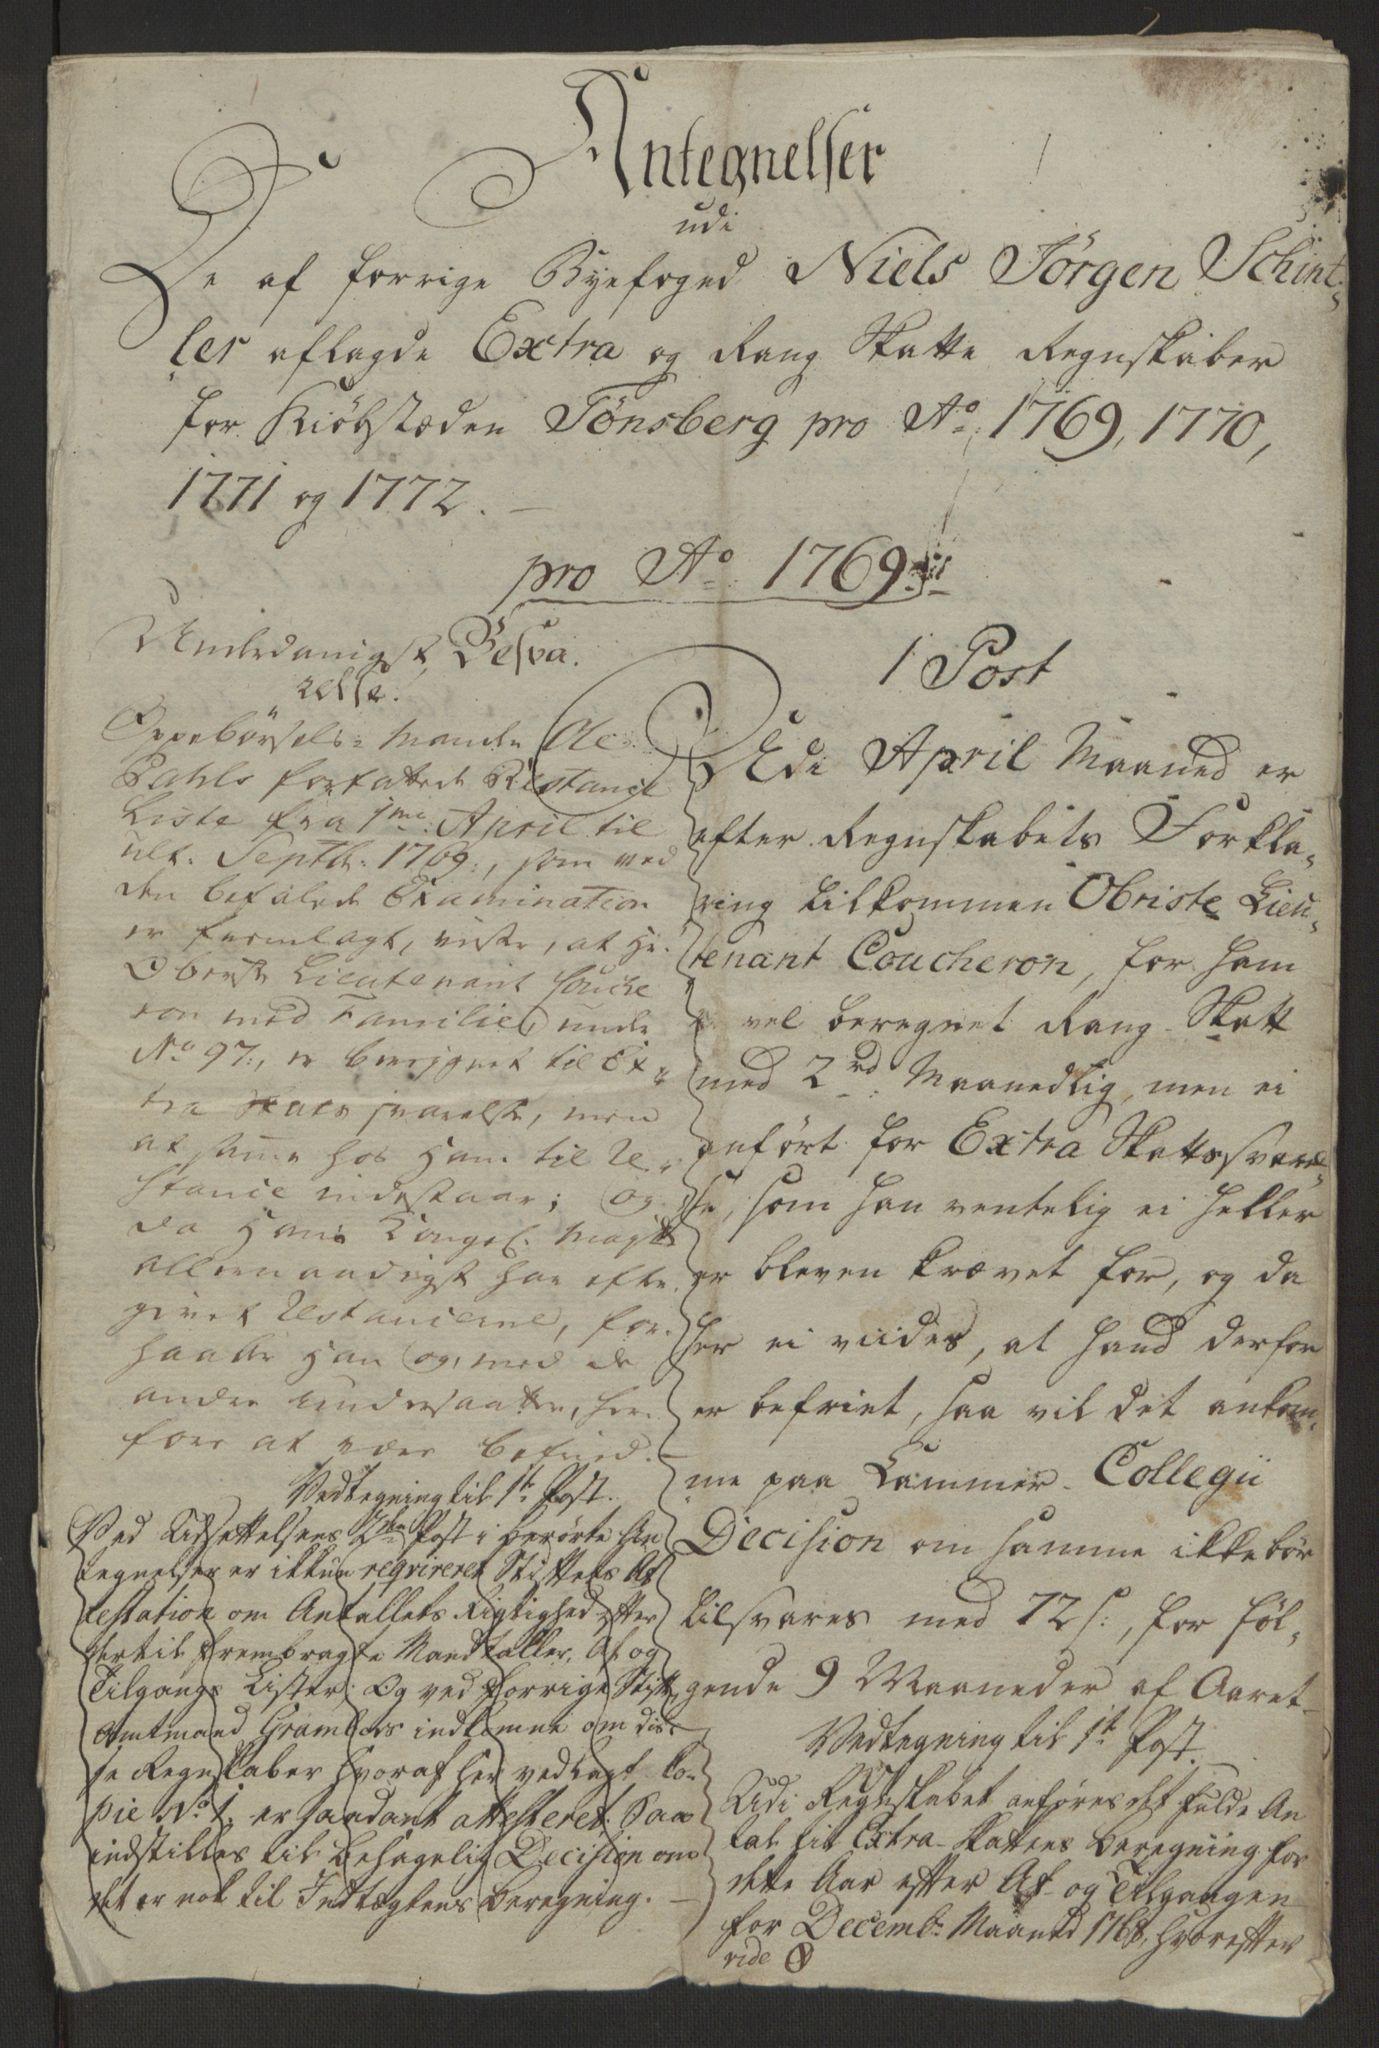 RA, Rentekammeret inntil 1814, Reviderte regnskaper, Byregnskaper, R/Rh/L0162: [H4] Kontribusjonsregnskap, 1762-1772, s. 533